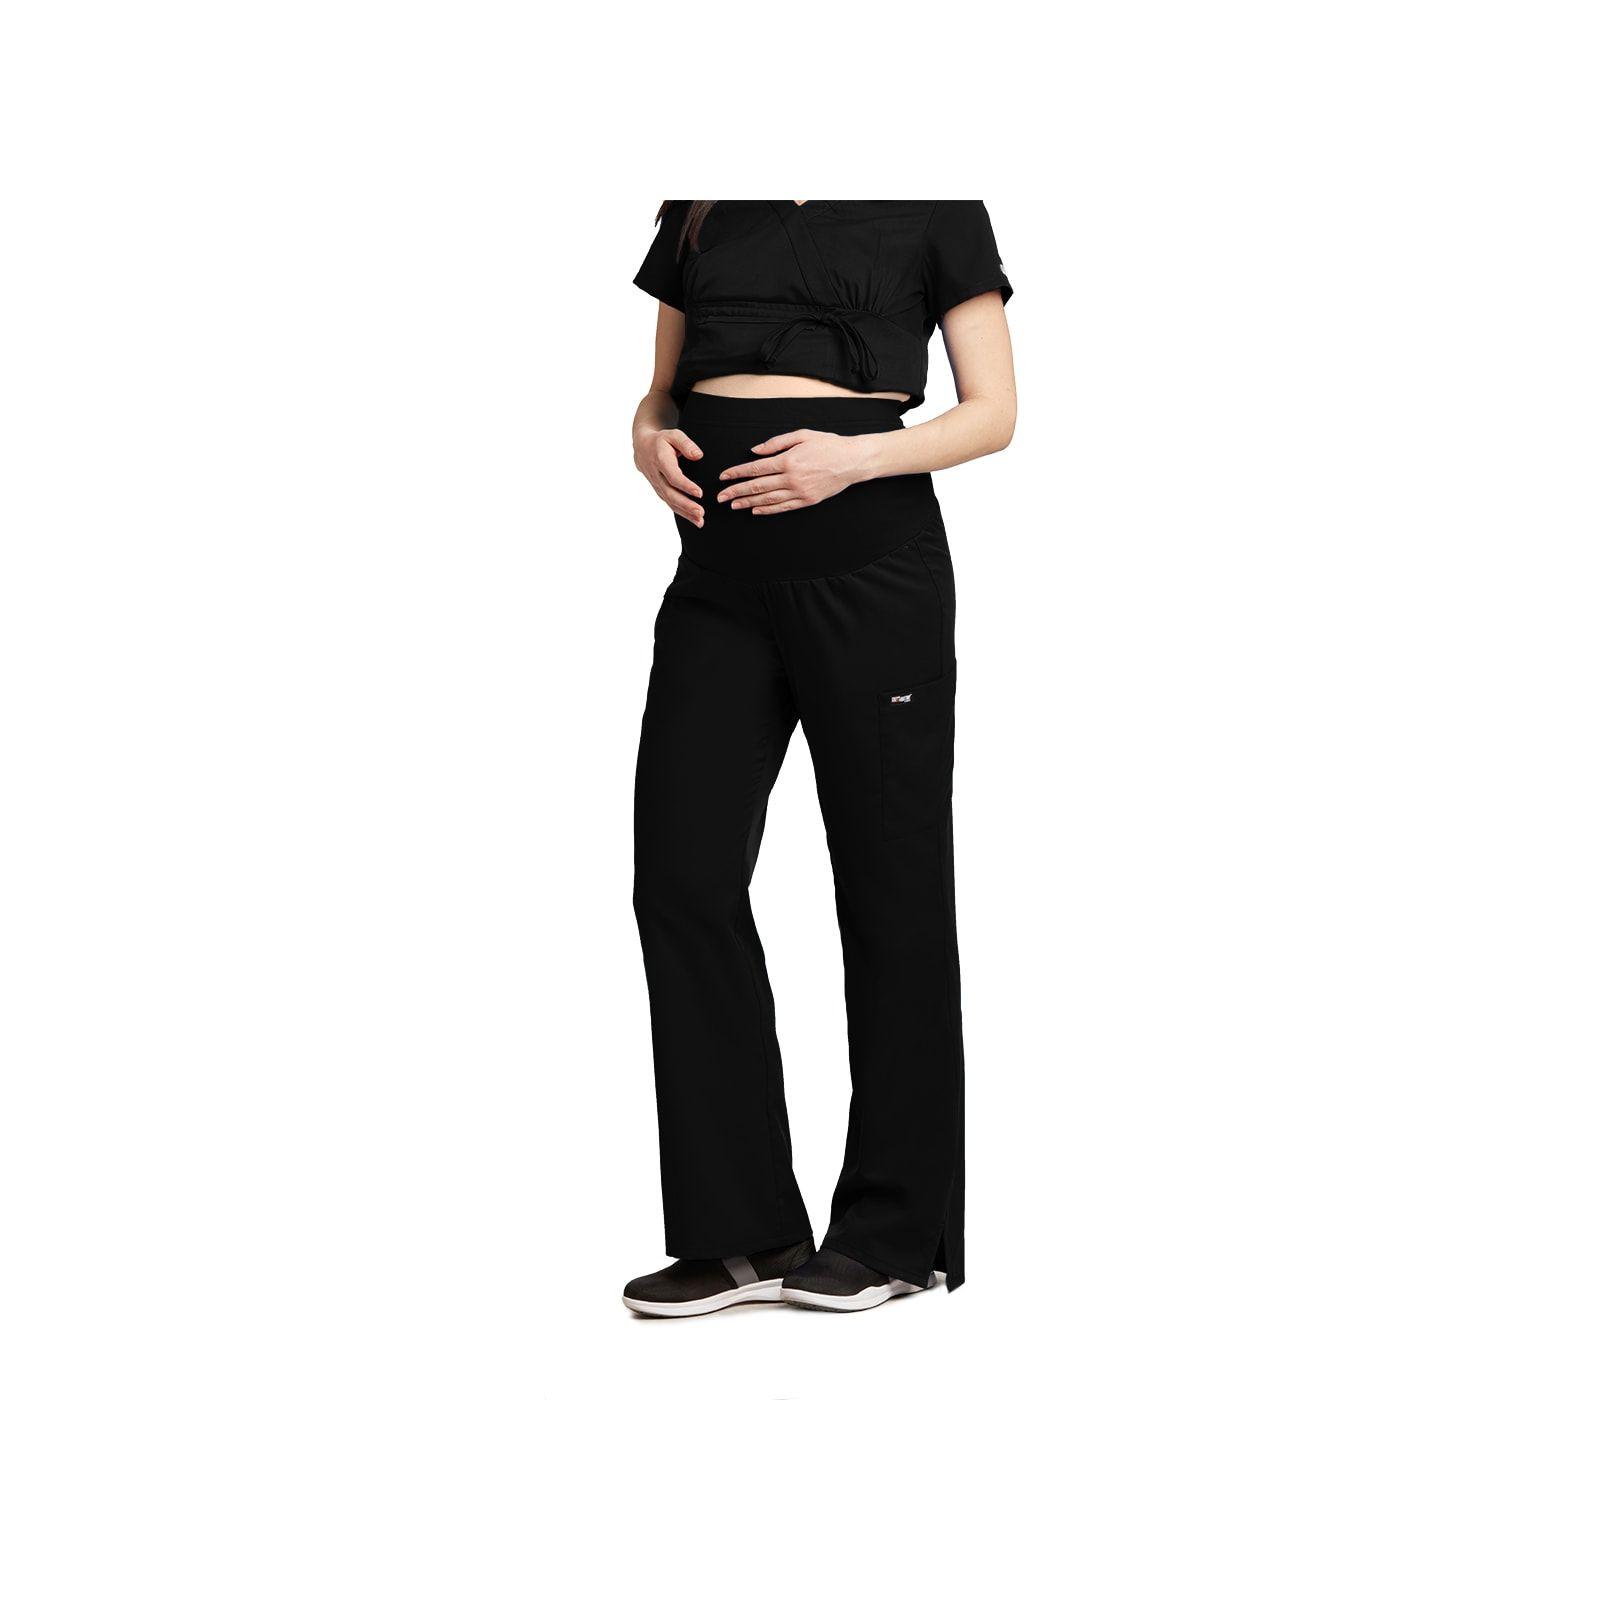 """Pantalon médical maternité, couleur noir vue de face, """"Grey's Anatomy"""", Barco (6202-)"""